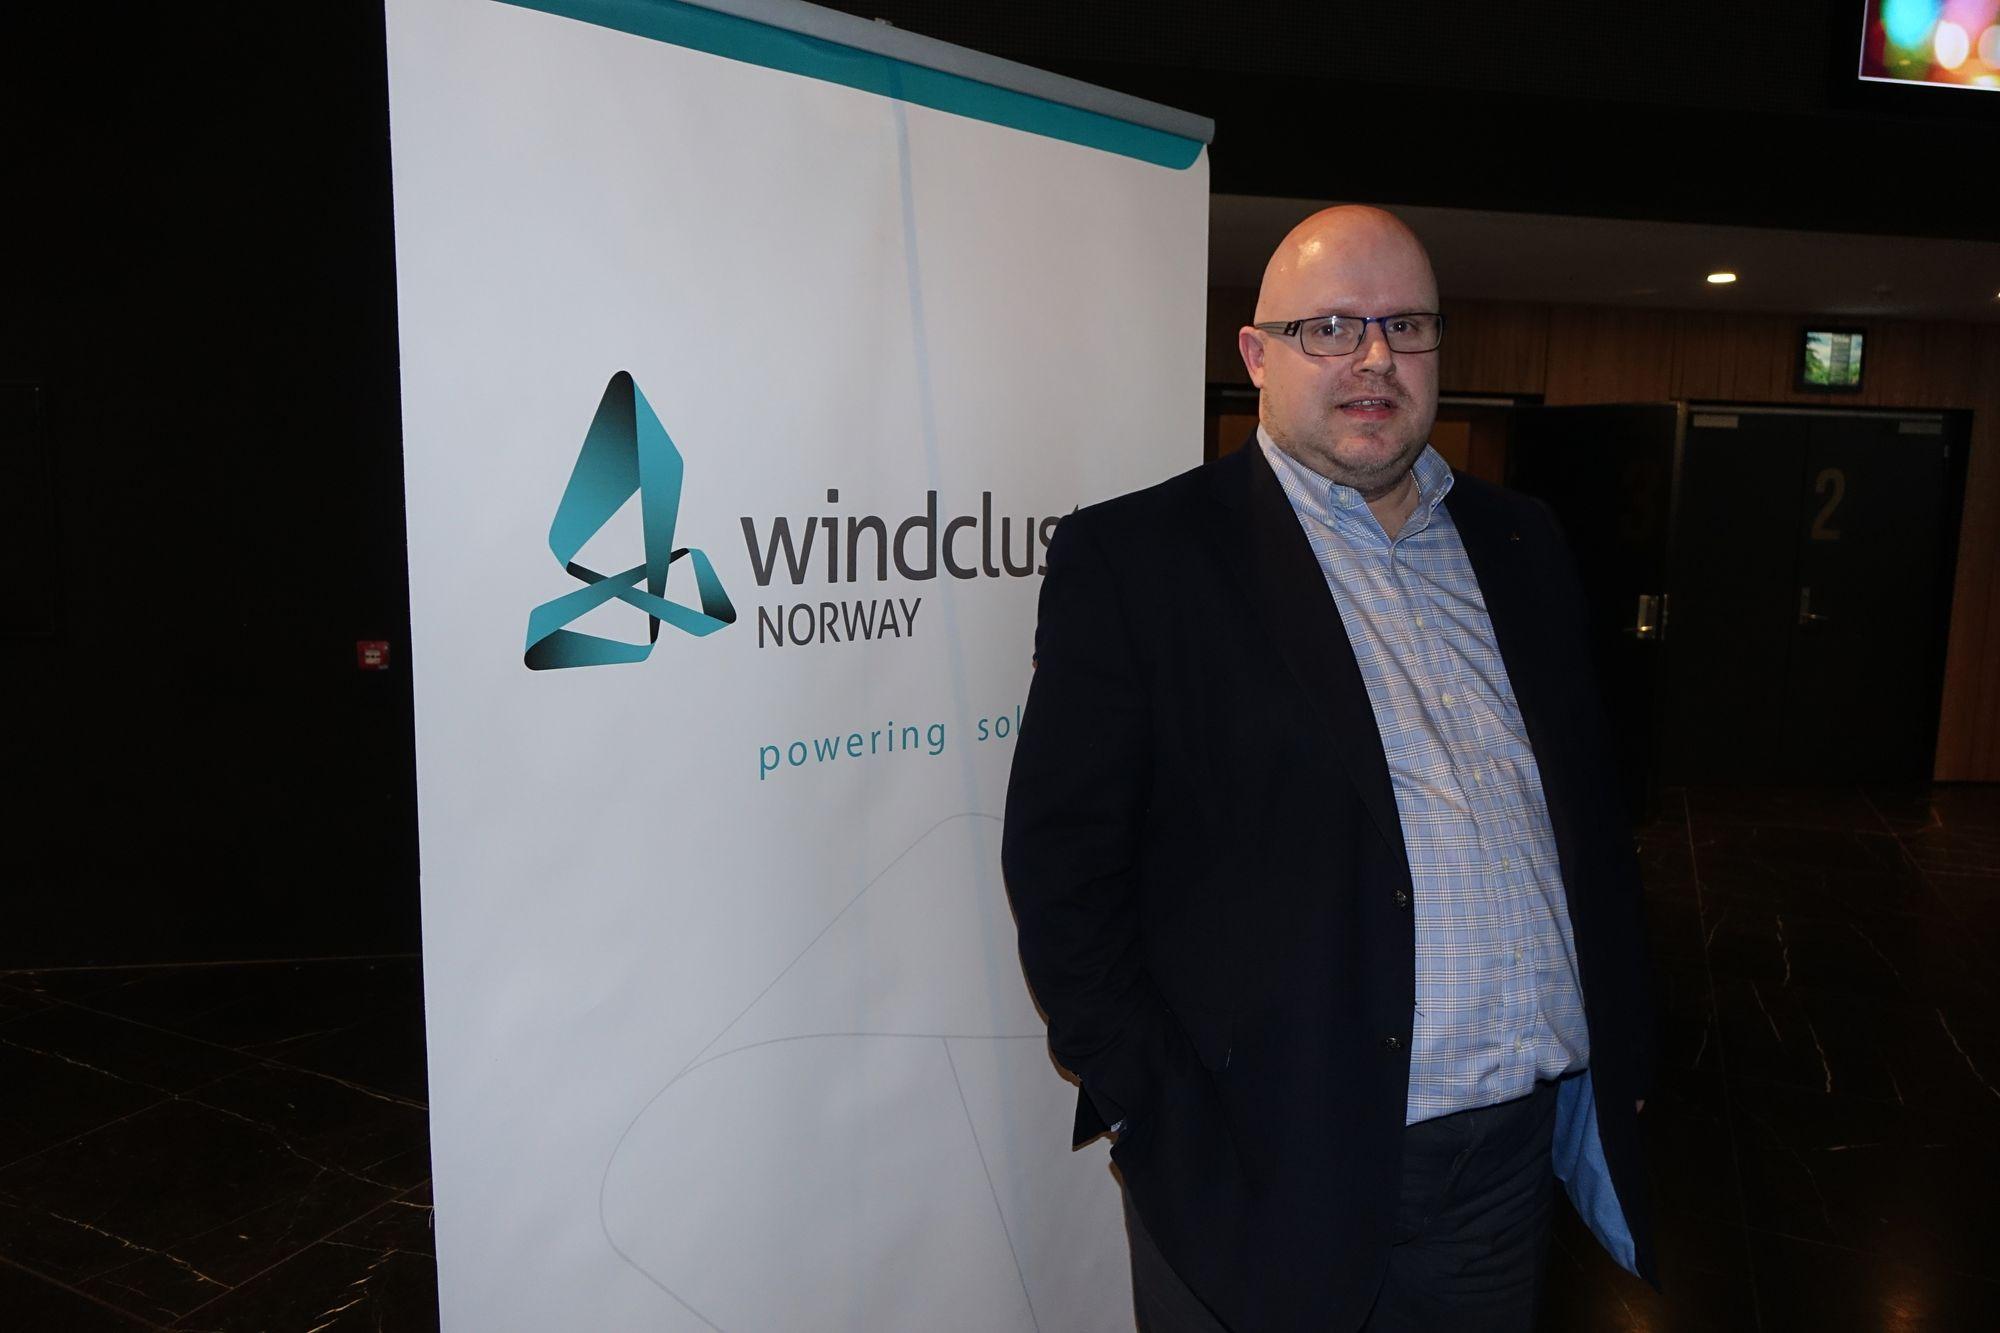 Kristian Holm mener de nye vindkraftprosjektene blir det viktigste automatiseringsprosjektet i Norge. Foto: Statkraft.